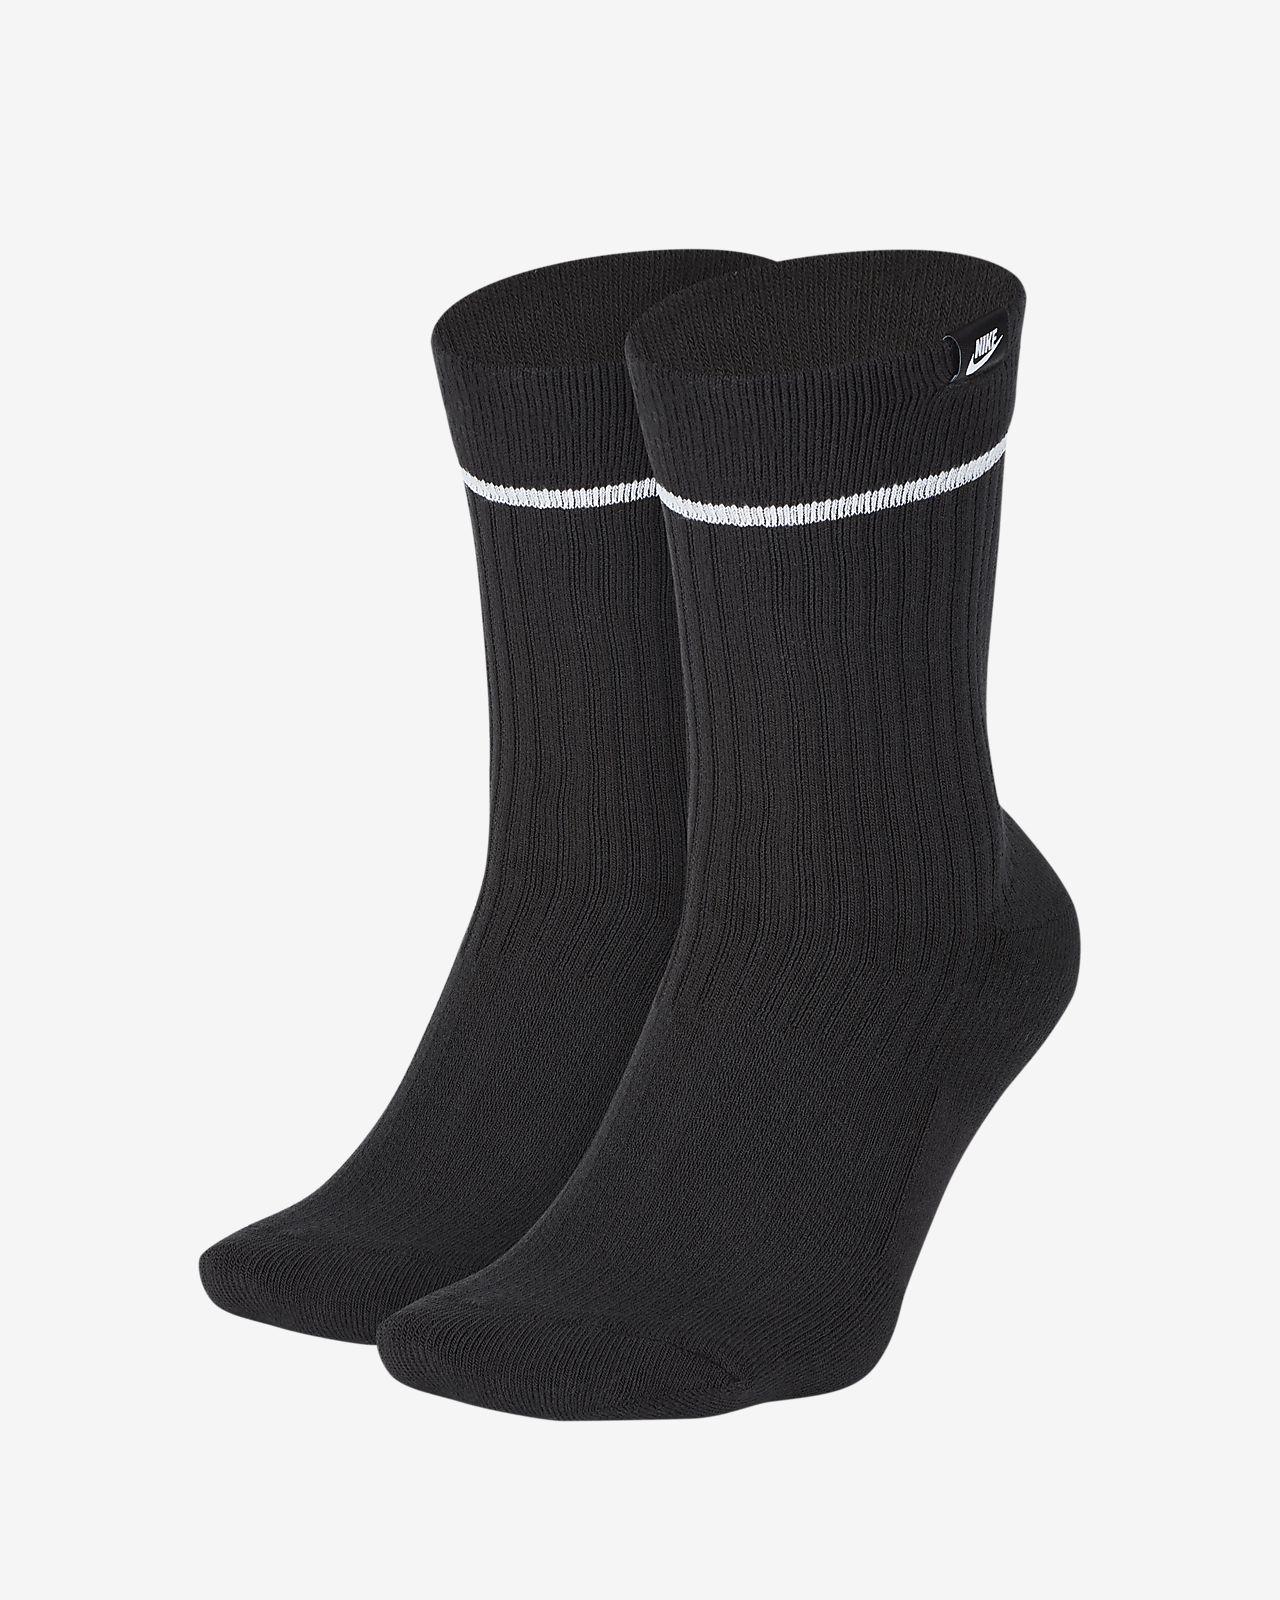 NikeLab Sneaker Sox Essential Crew Socks (2 Pairs)